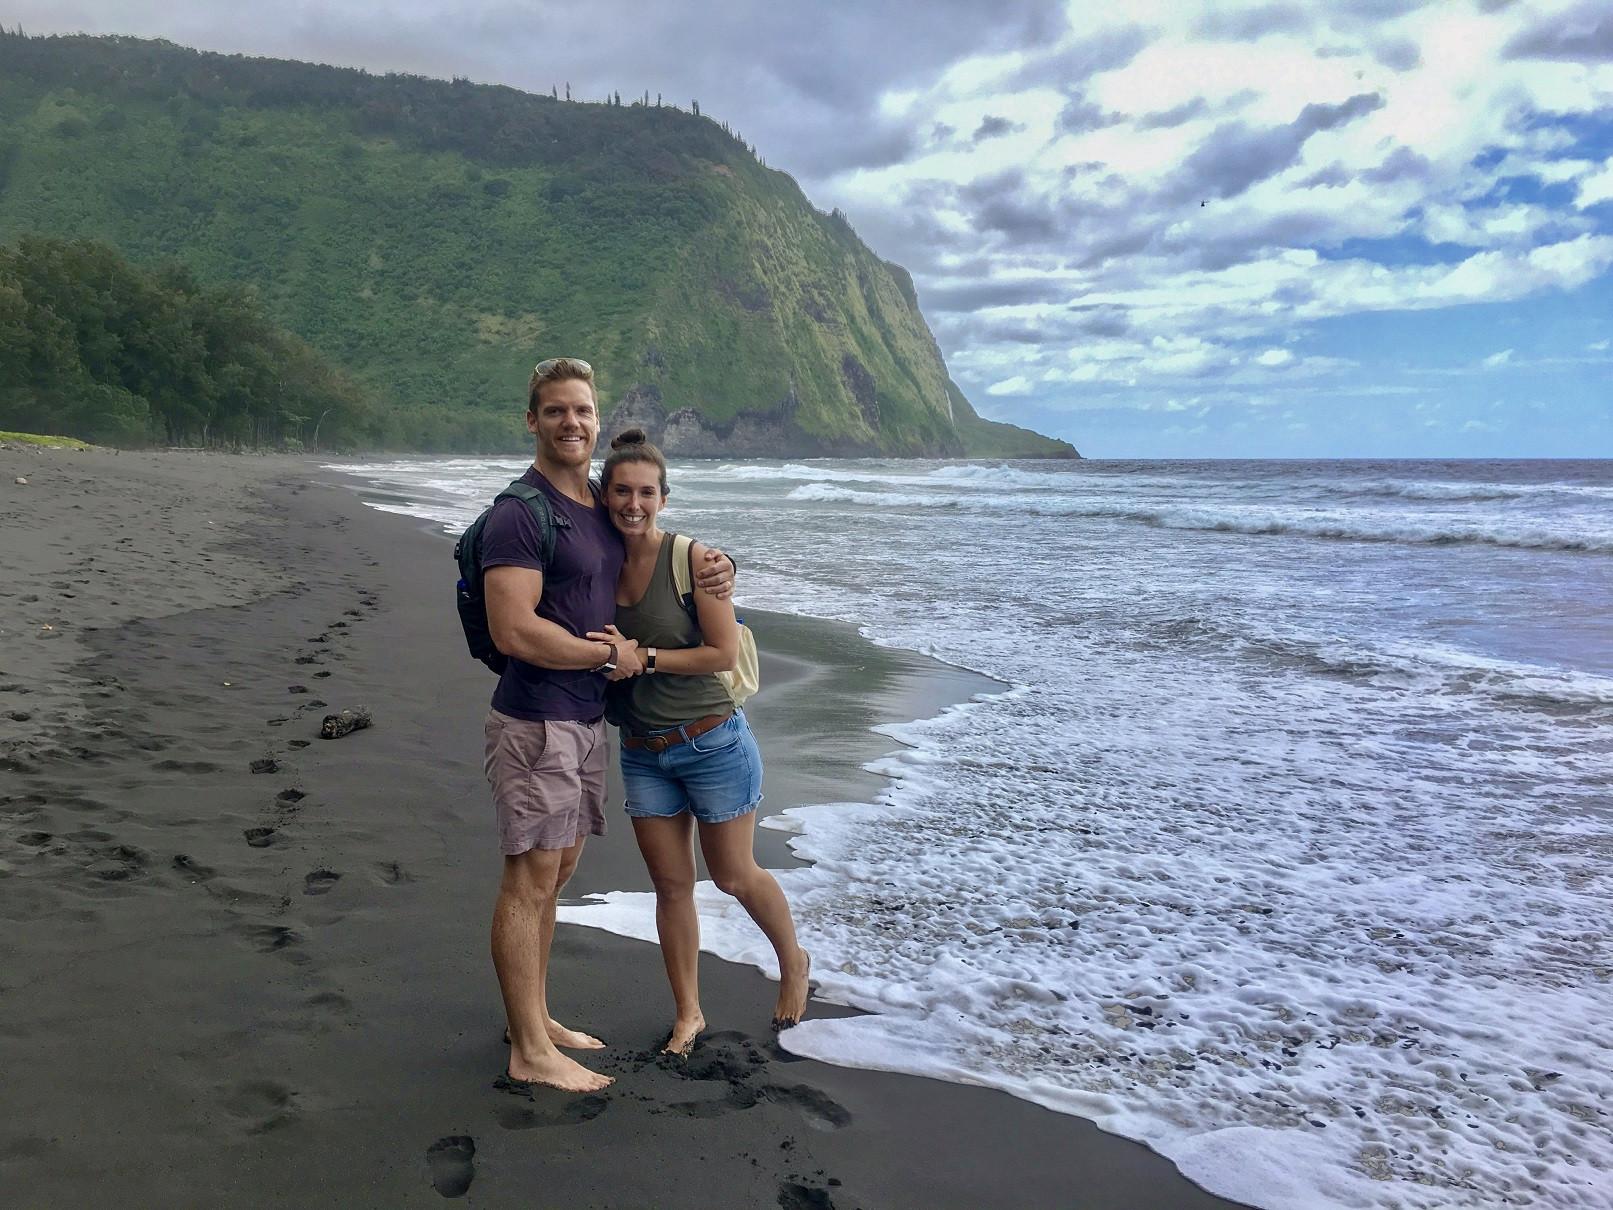 Une lune de miel sans fin en direct d'Hawaï, ce jeudi 26 novembre 2020, de 10 à 11 heures, à l'émission Ici et ailleurs